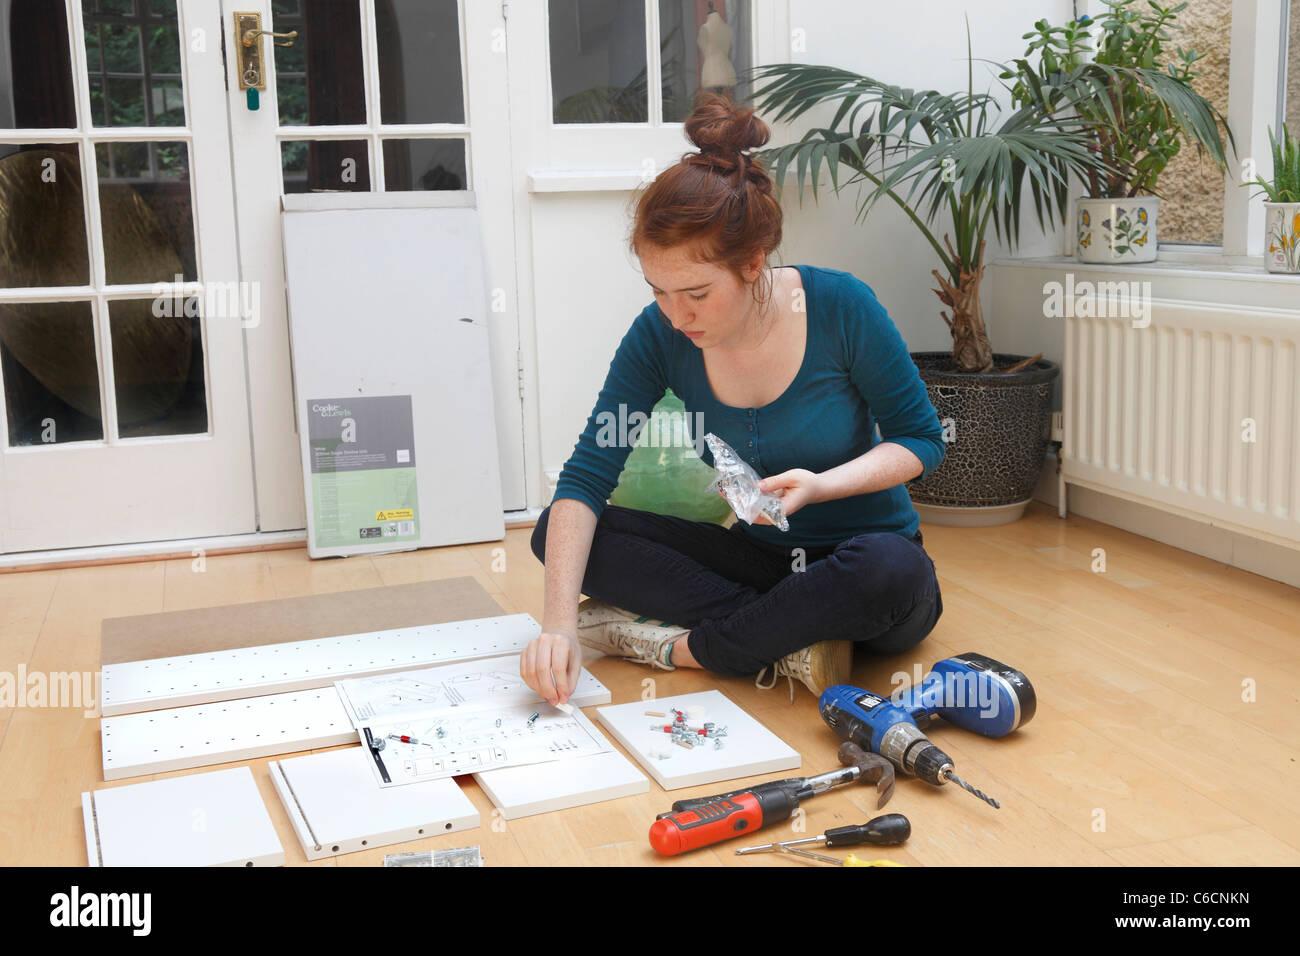 Ragazza giovane rendendo un armadio da un 'Flat Pack' kit DIY. Immagini Stock